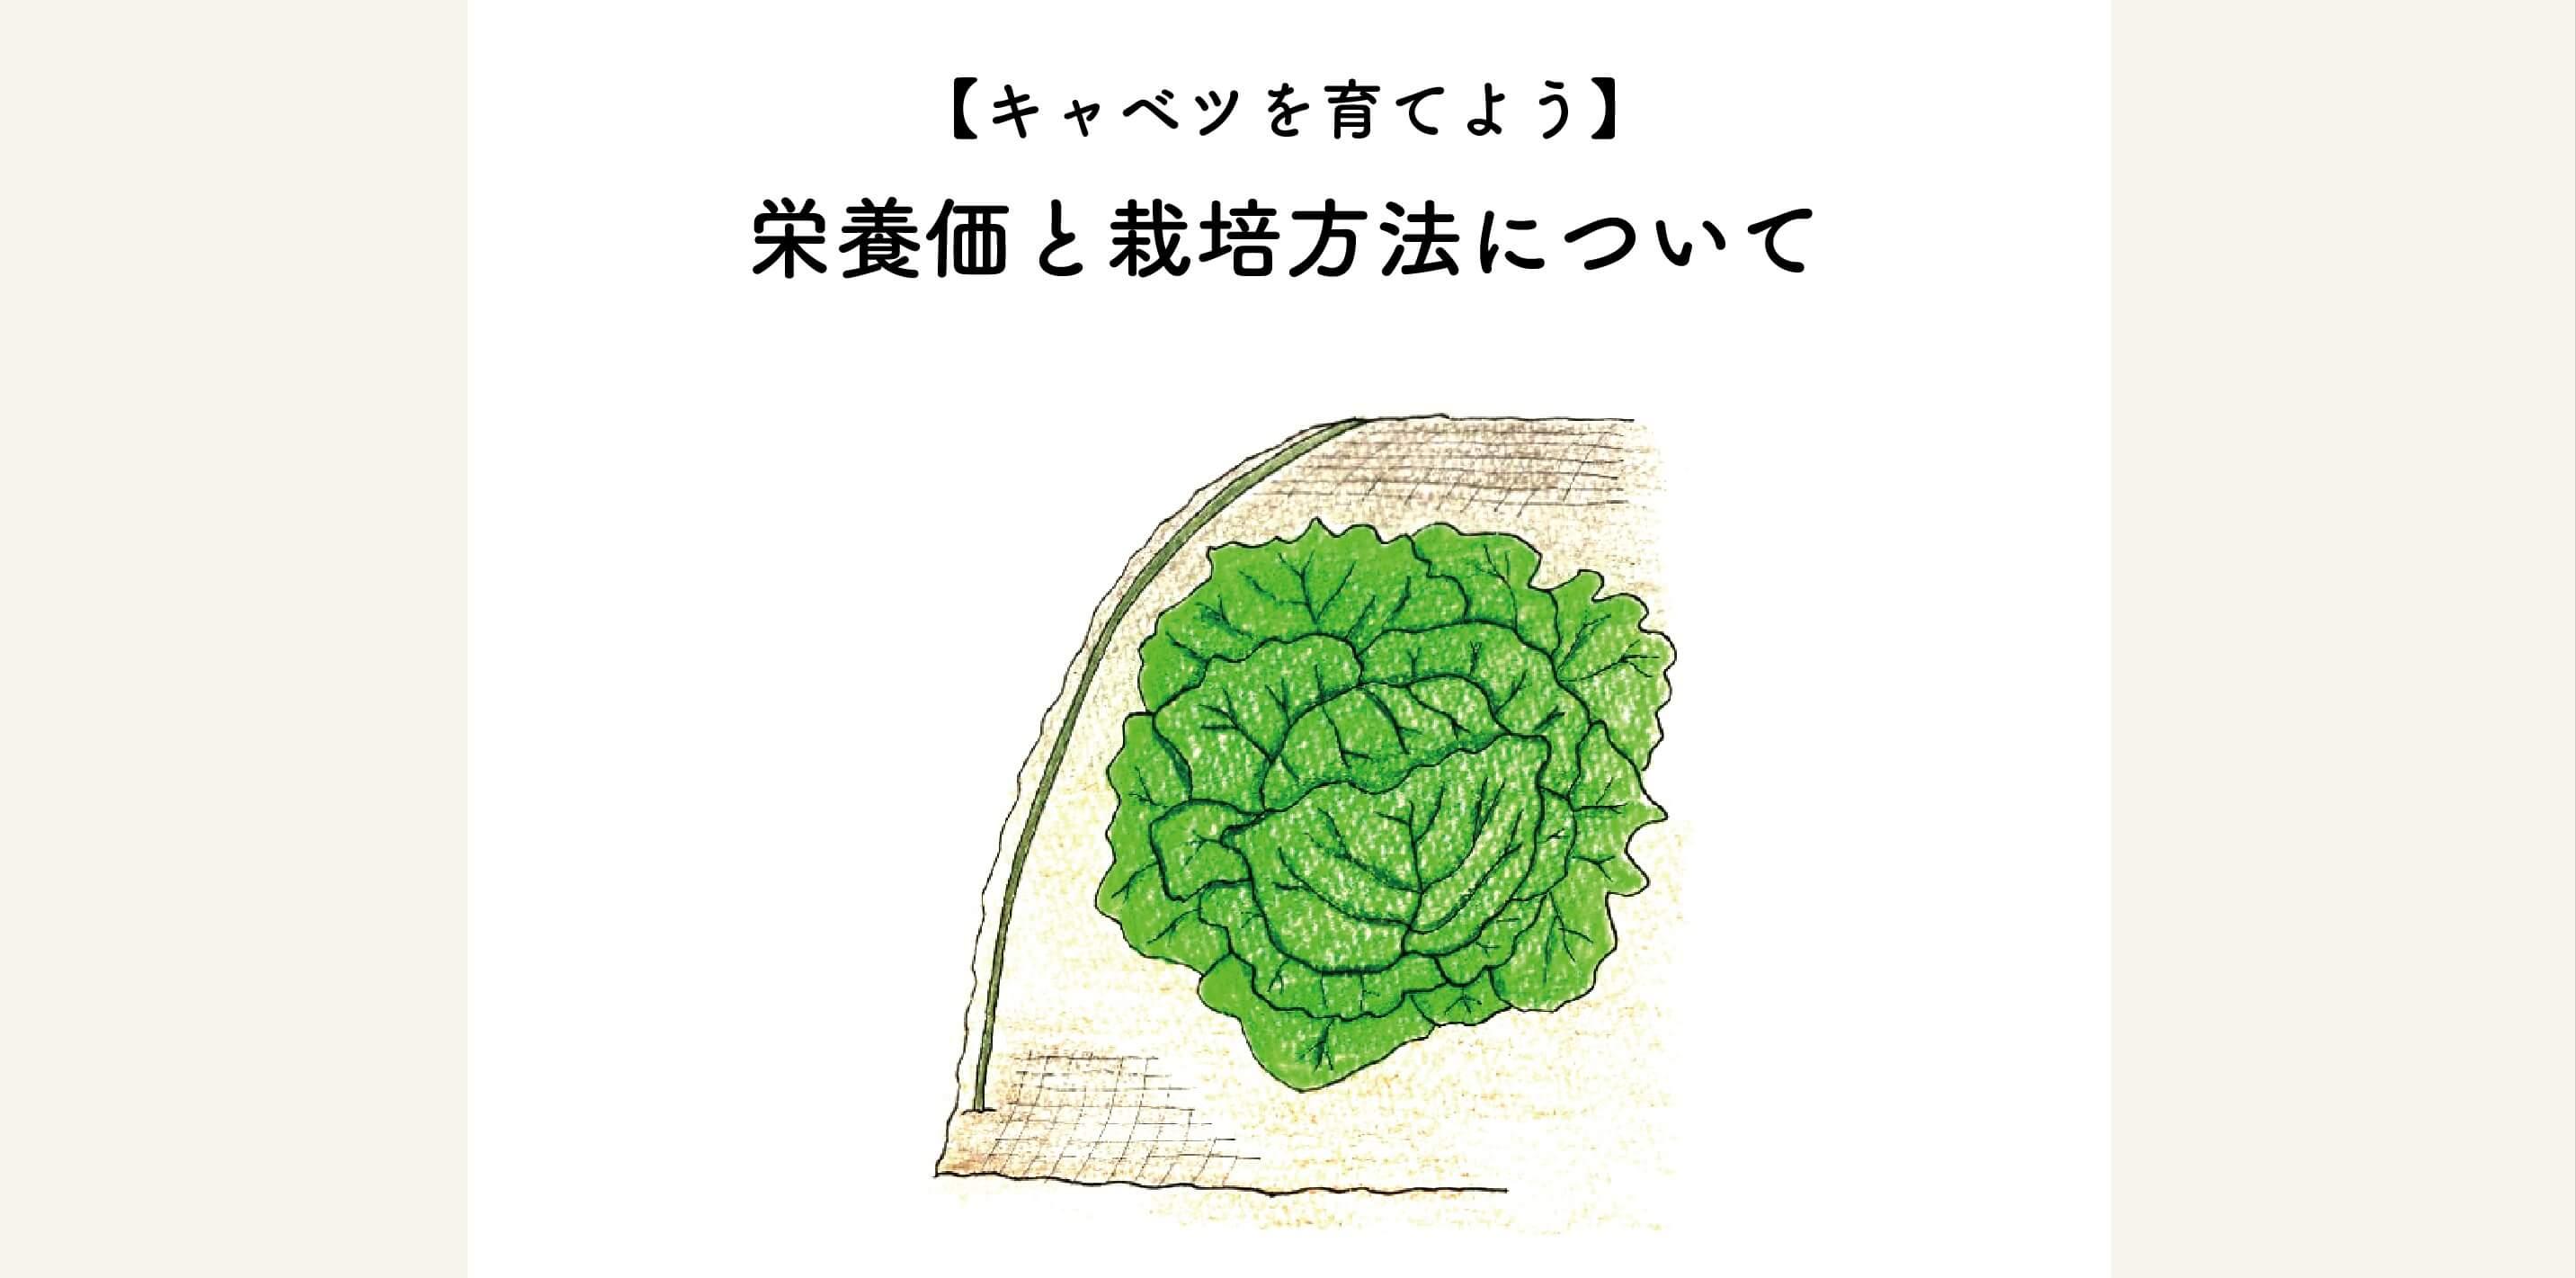 【キャベツを育てよう】栄養価と栽培方法について